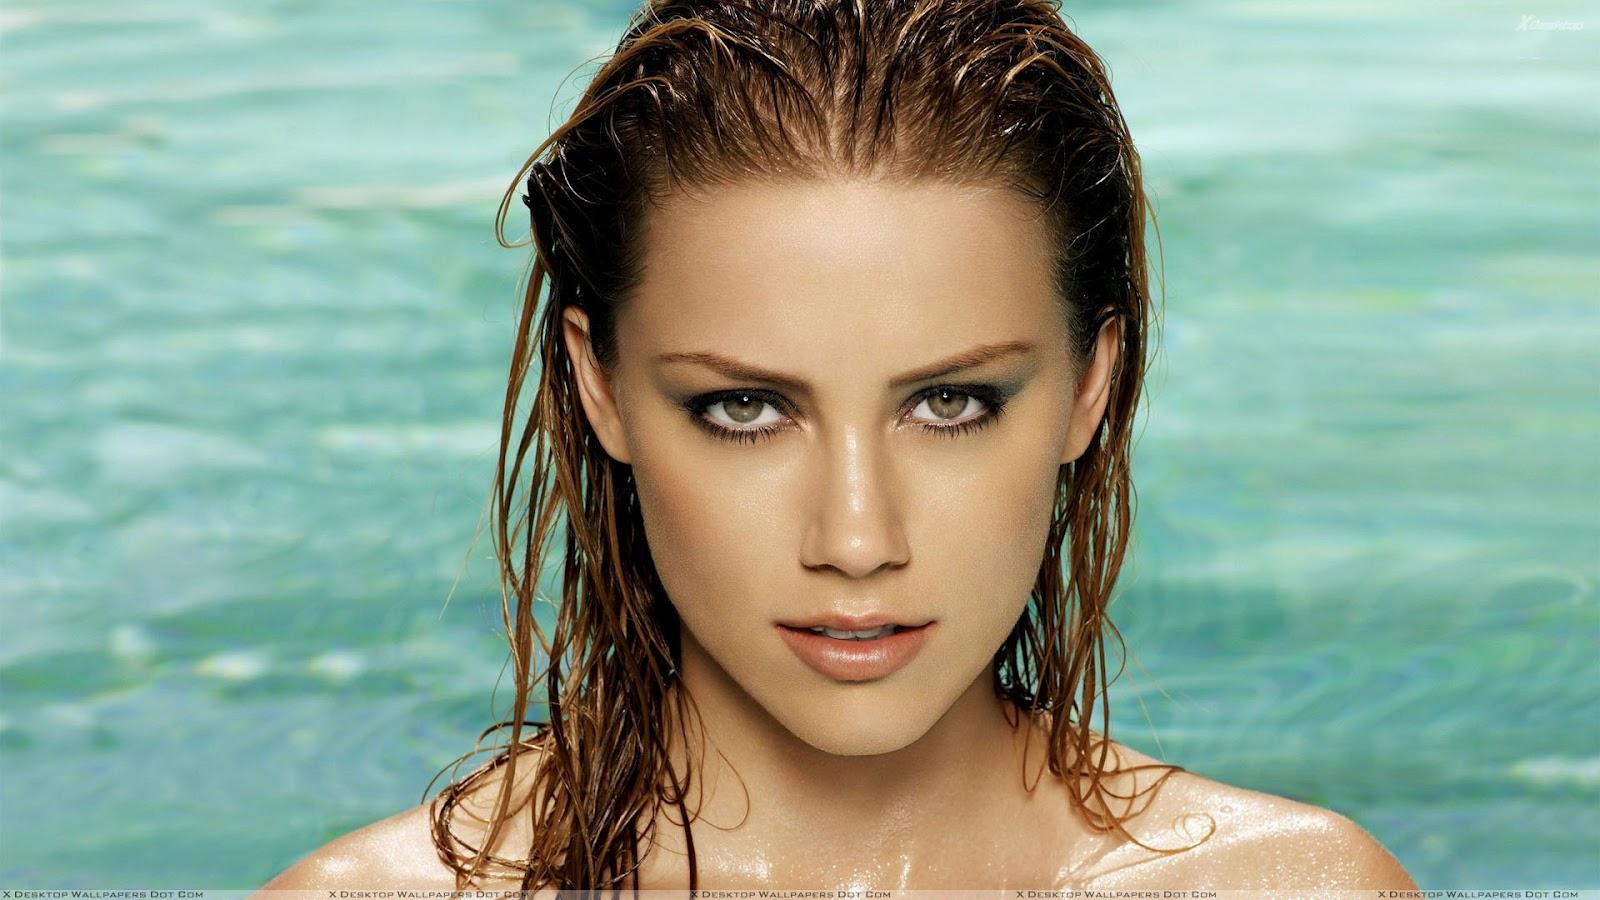 Amber Heard Hd: Hot Girls XXX: Amber Heard Hot